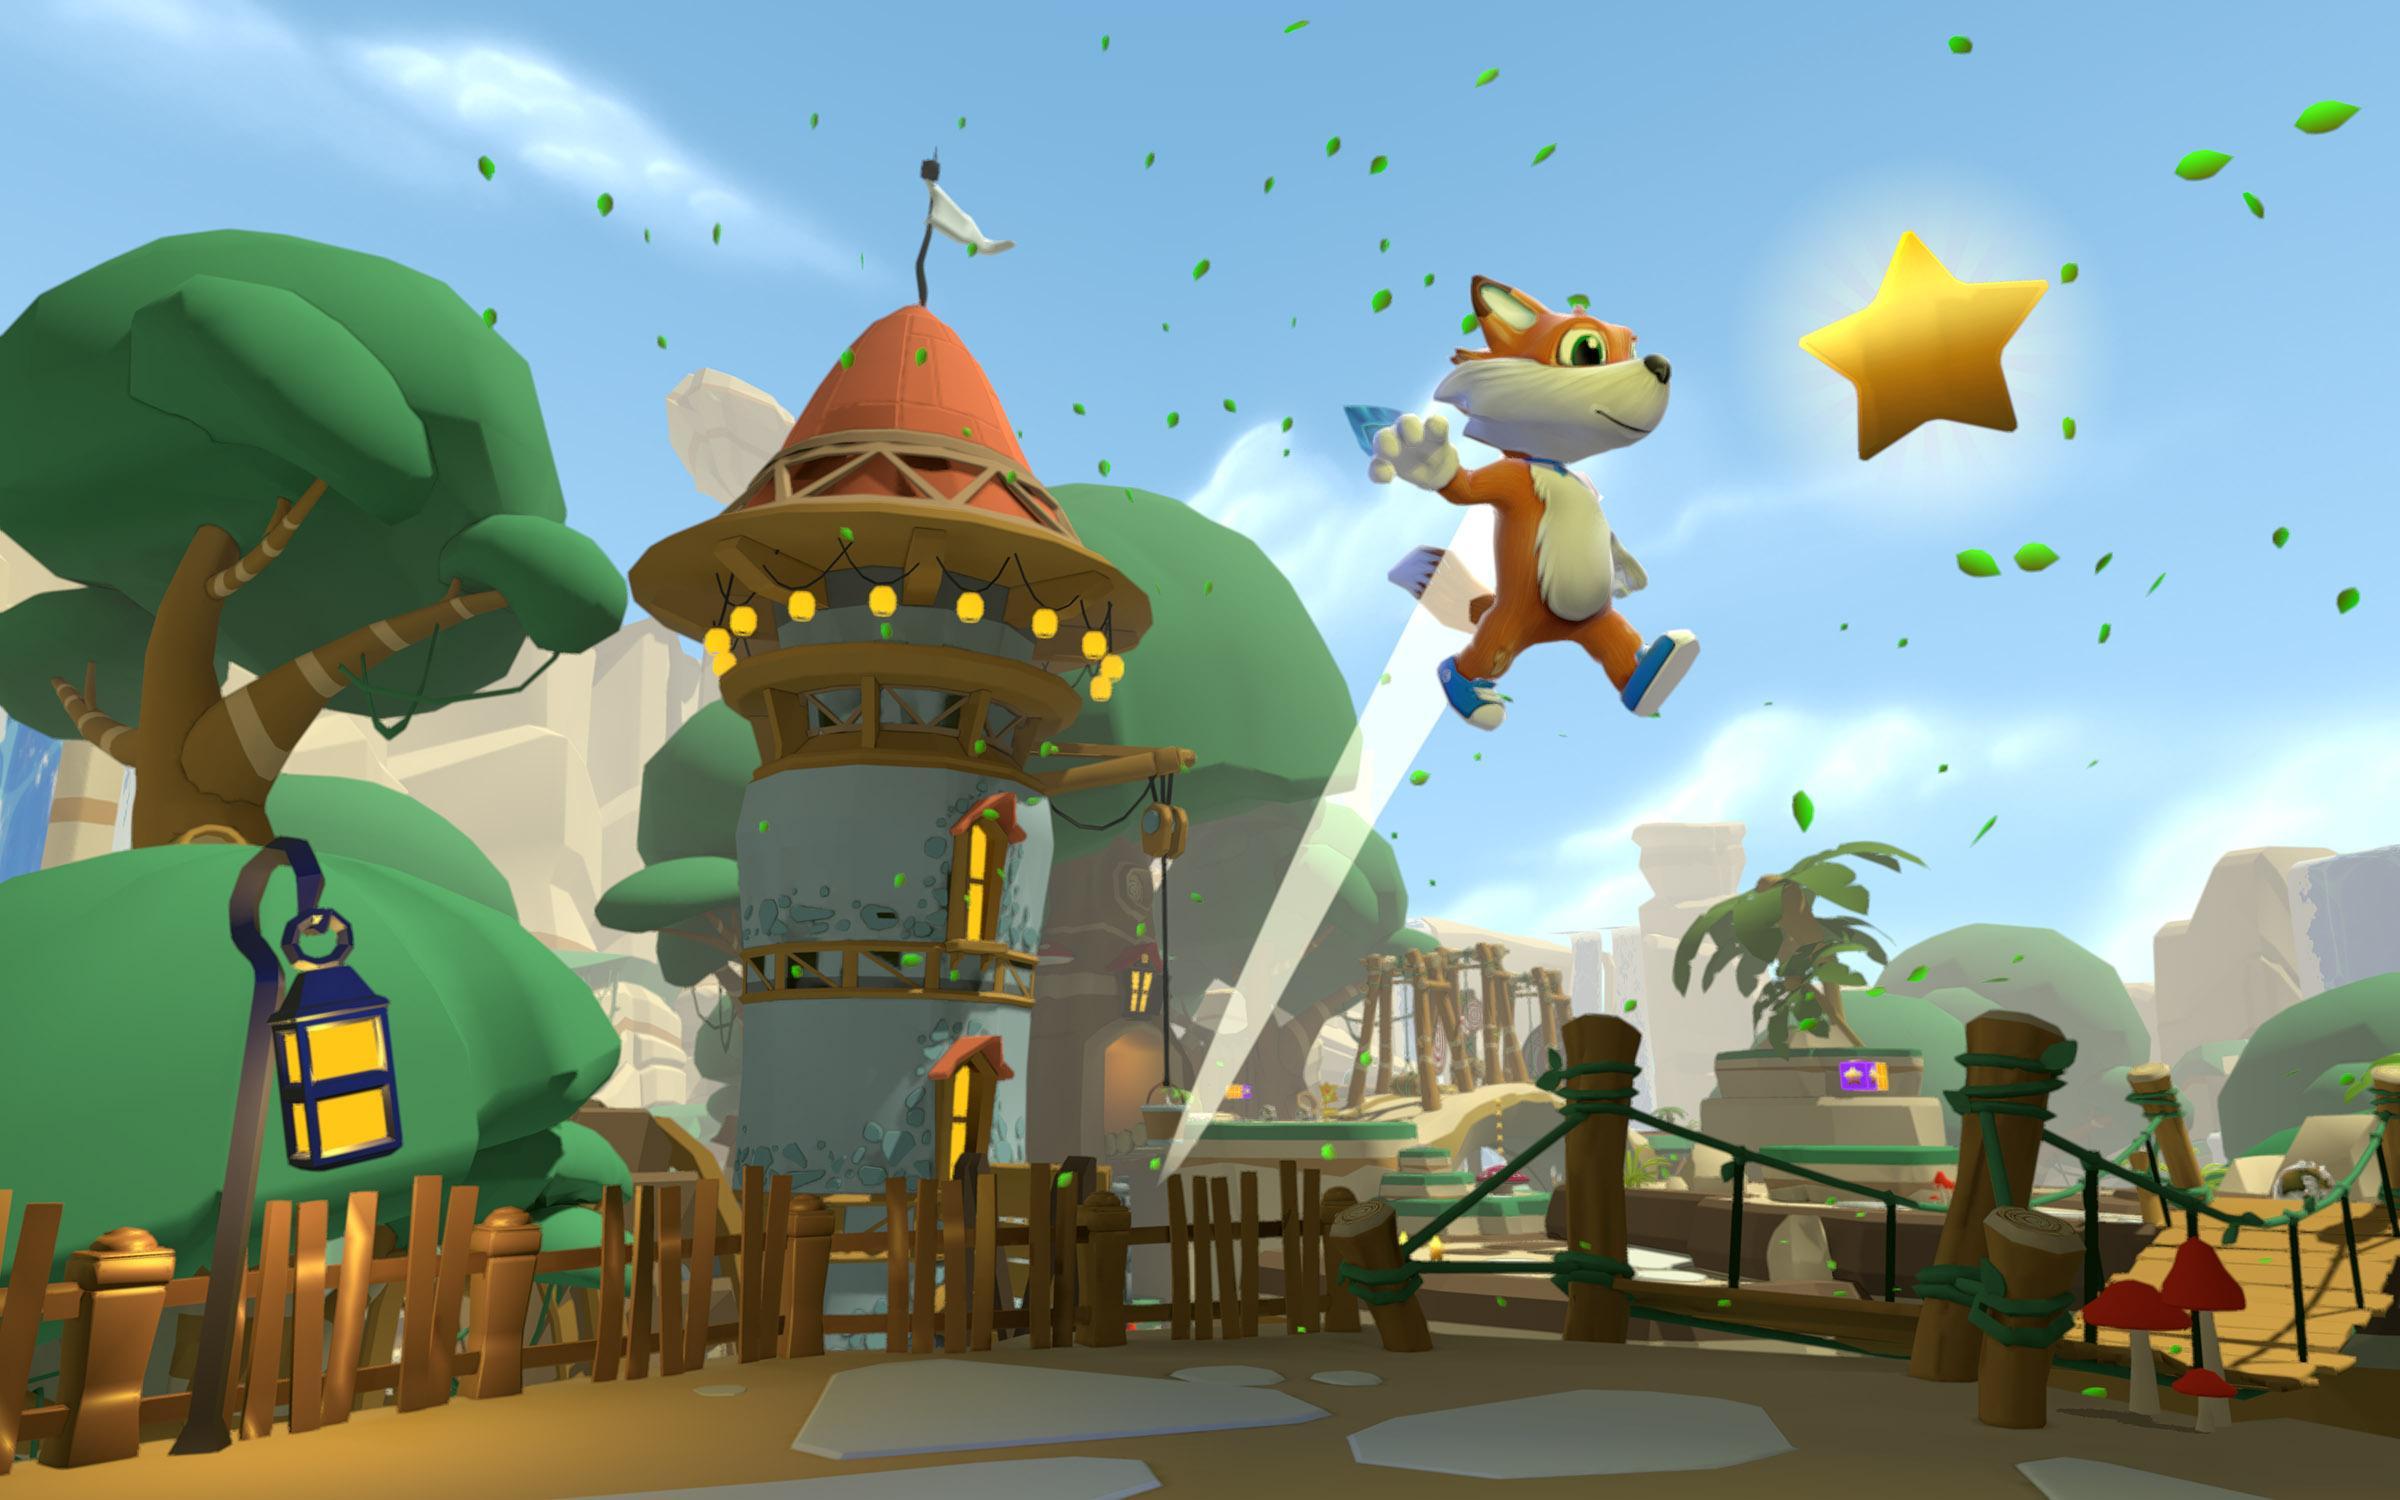 mover al personaje deberán utilizar un control de la consola Xbox One